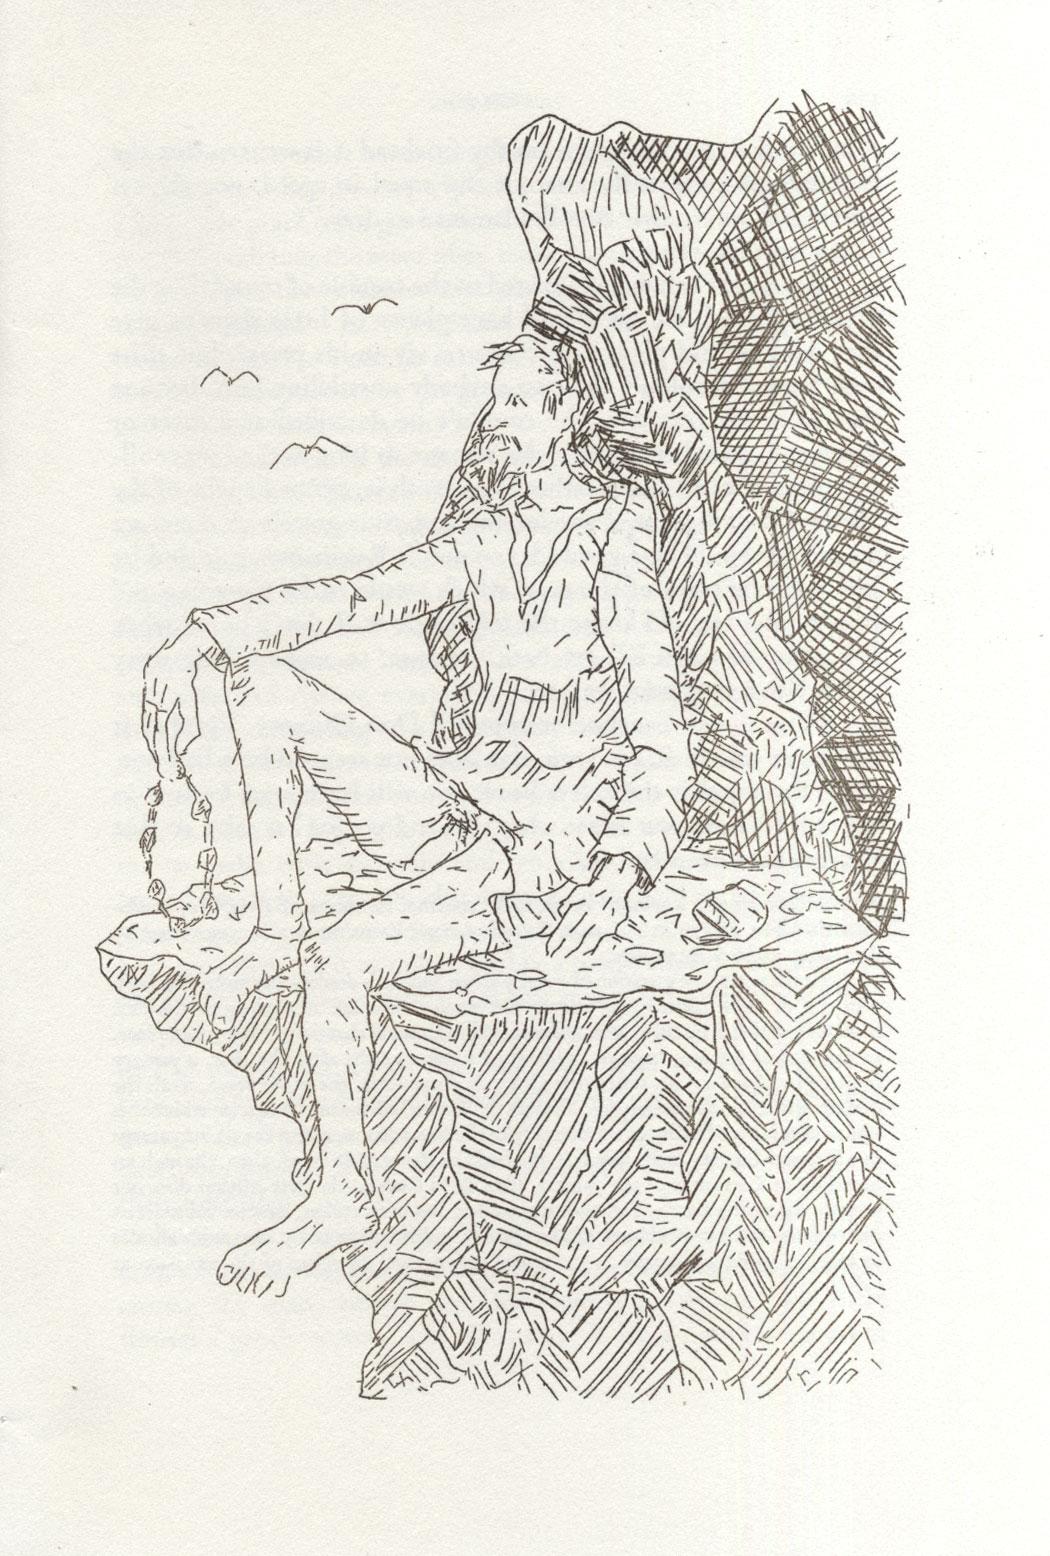 p.-255.cliffside.jpg